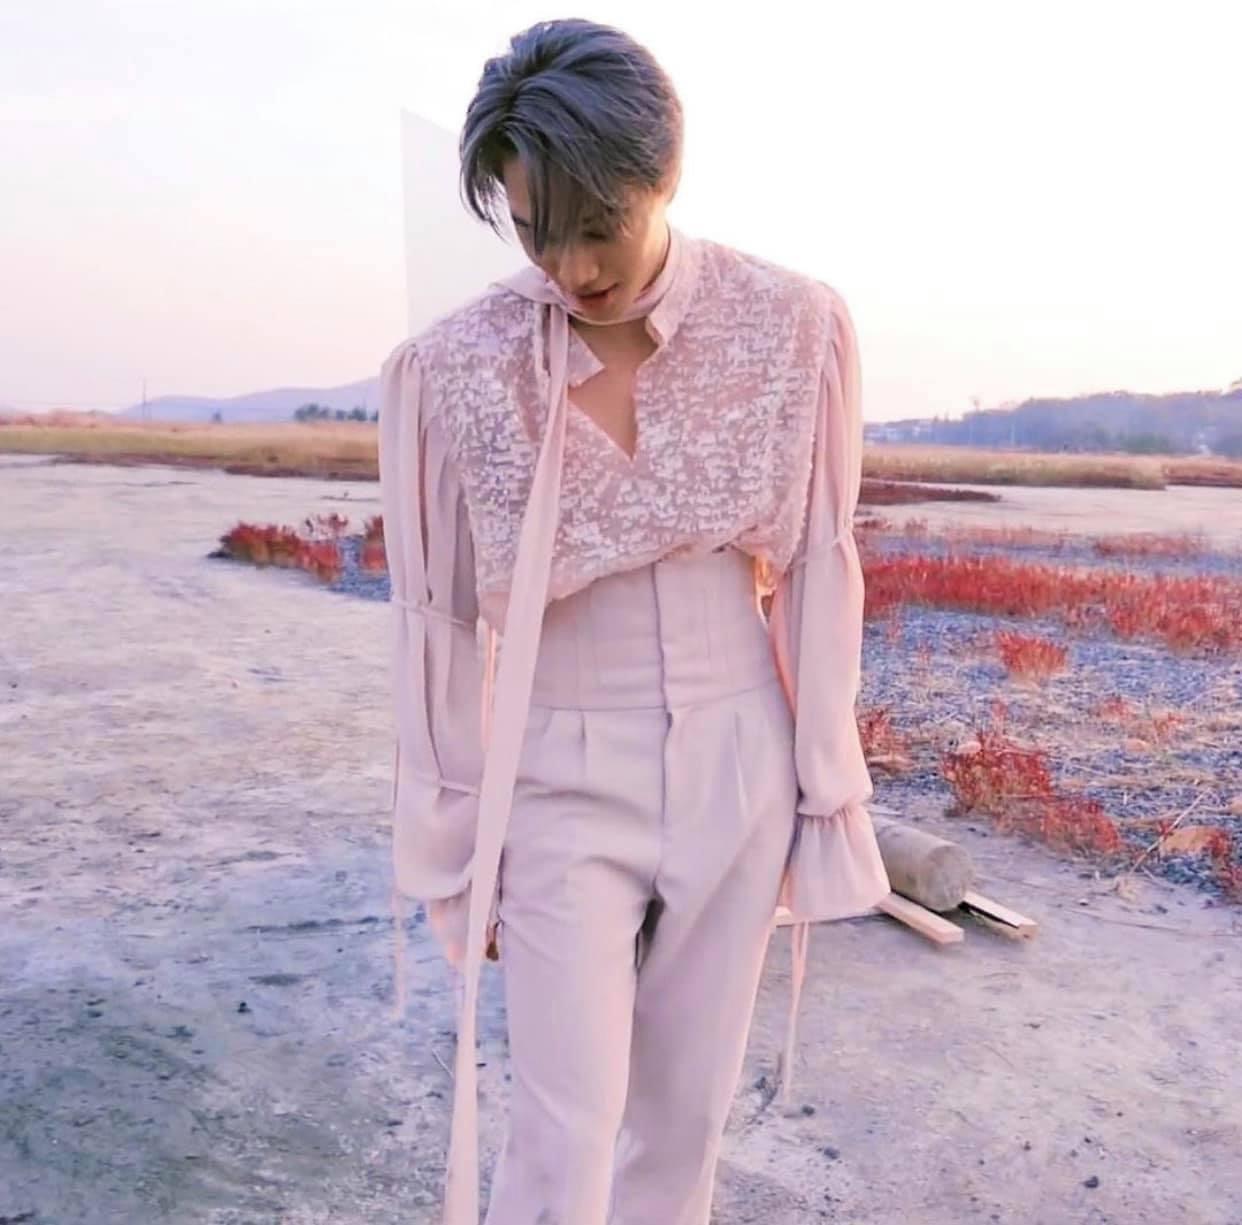 Kai (EXO) lột xác cùng style hoa lá cành mới lạ nhưng sao dân tình lại gay gắt la ó, đồng loạt réo tên Harry Styles thế này? - Ảnh 2.